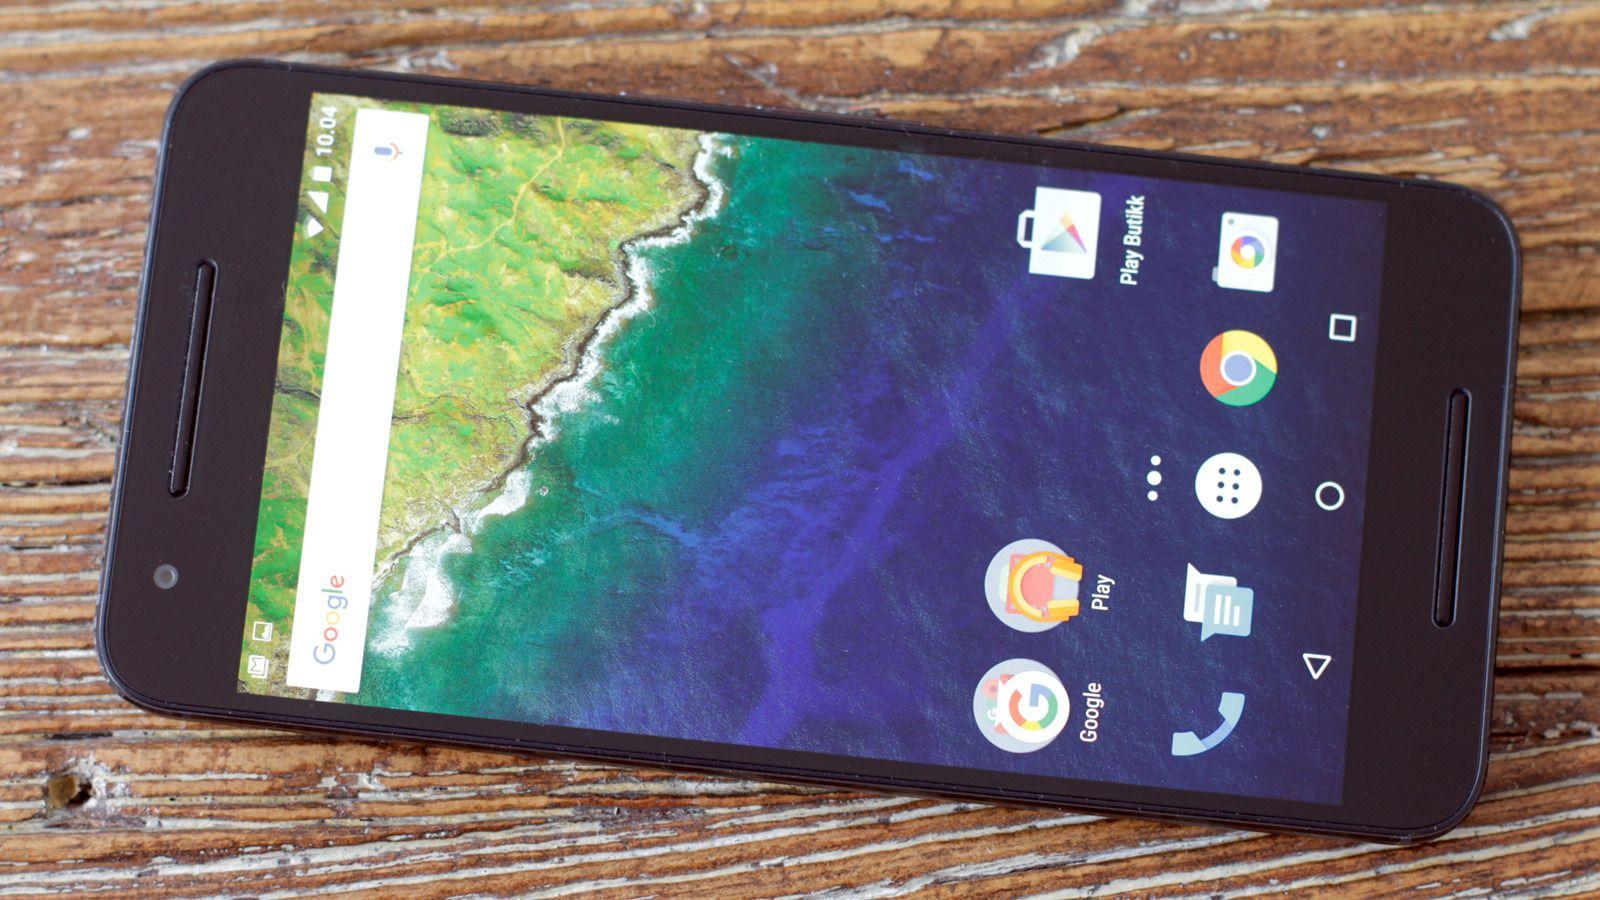 Nexus 6P tappes for strøm ekstra raskt etter oppdateringen, ifølge noen brukere.